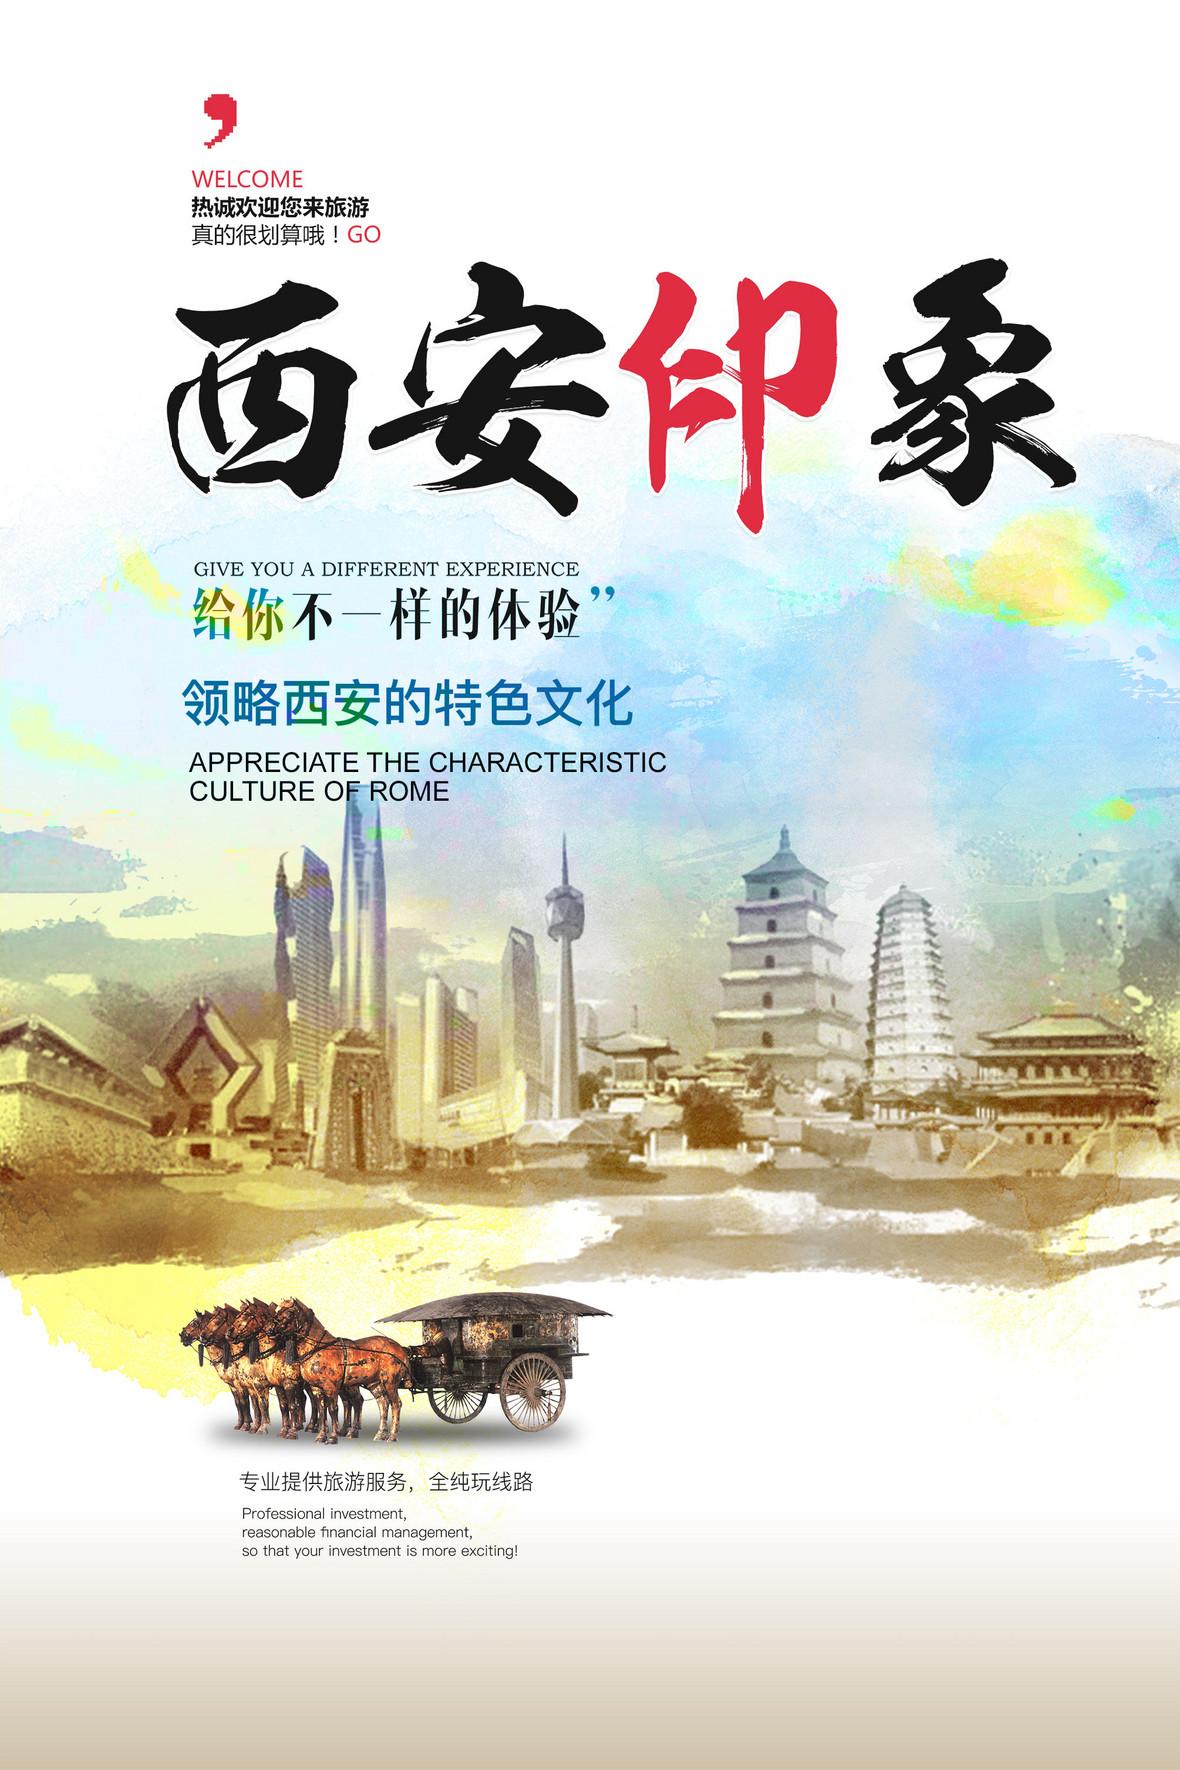 西安印象旅游海报背景素材